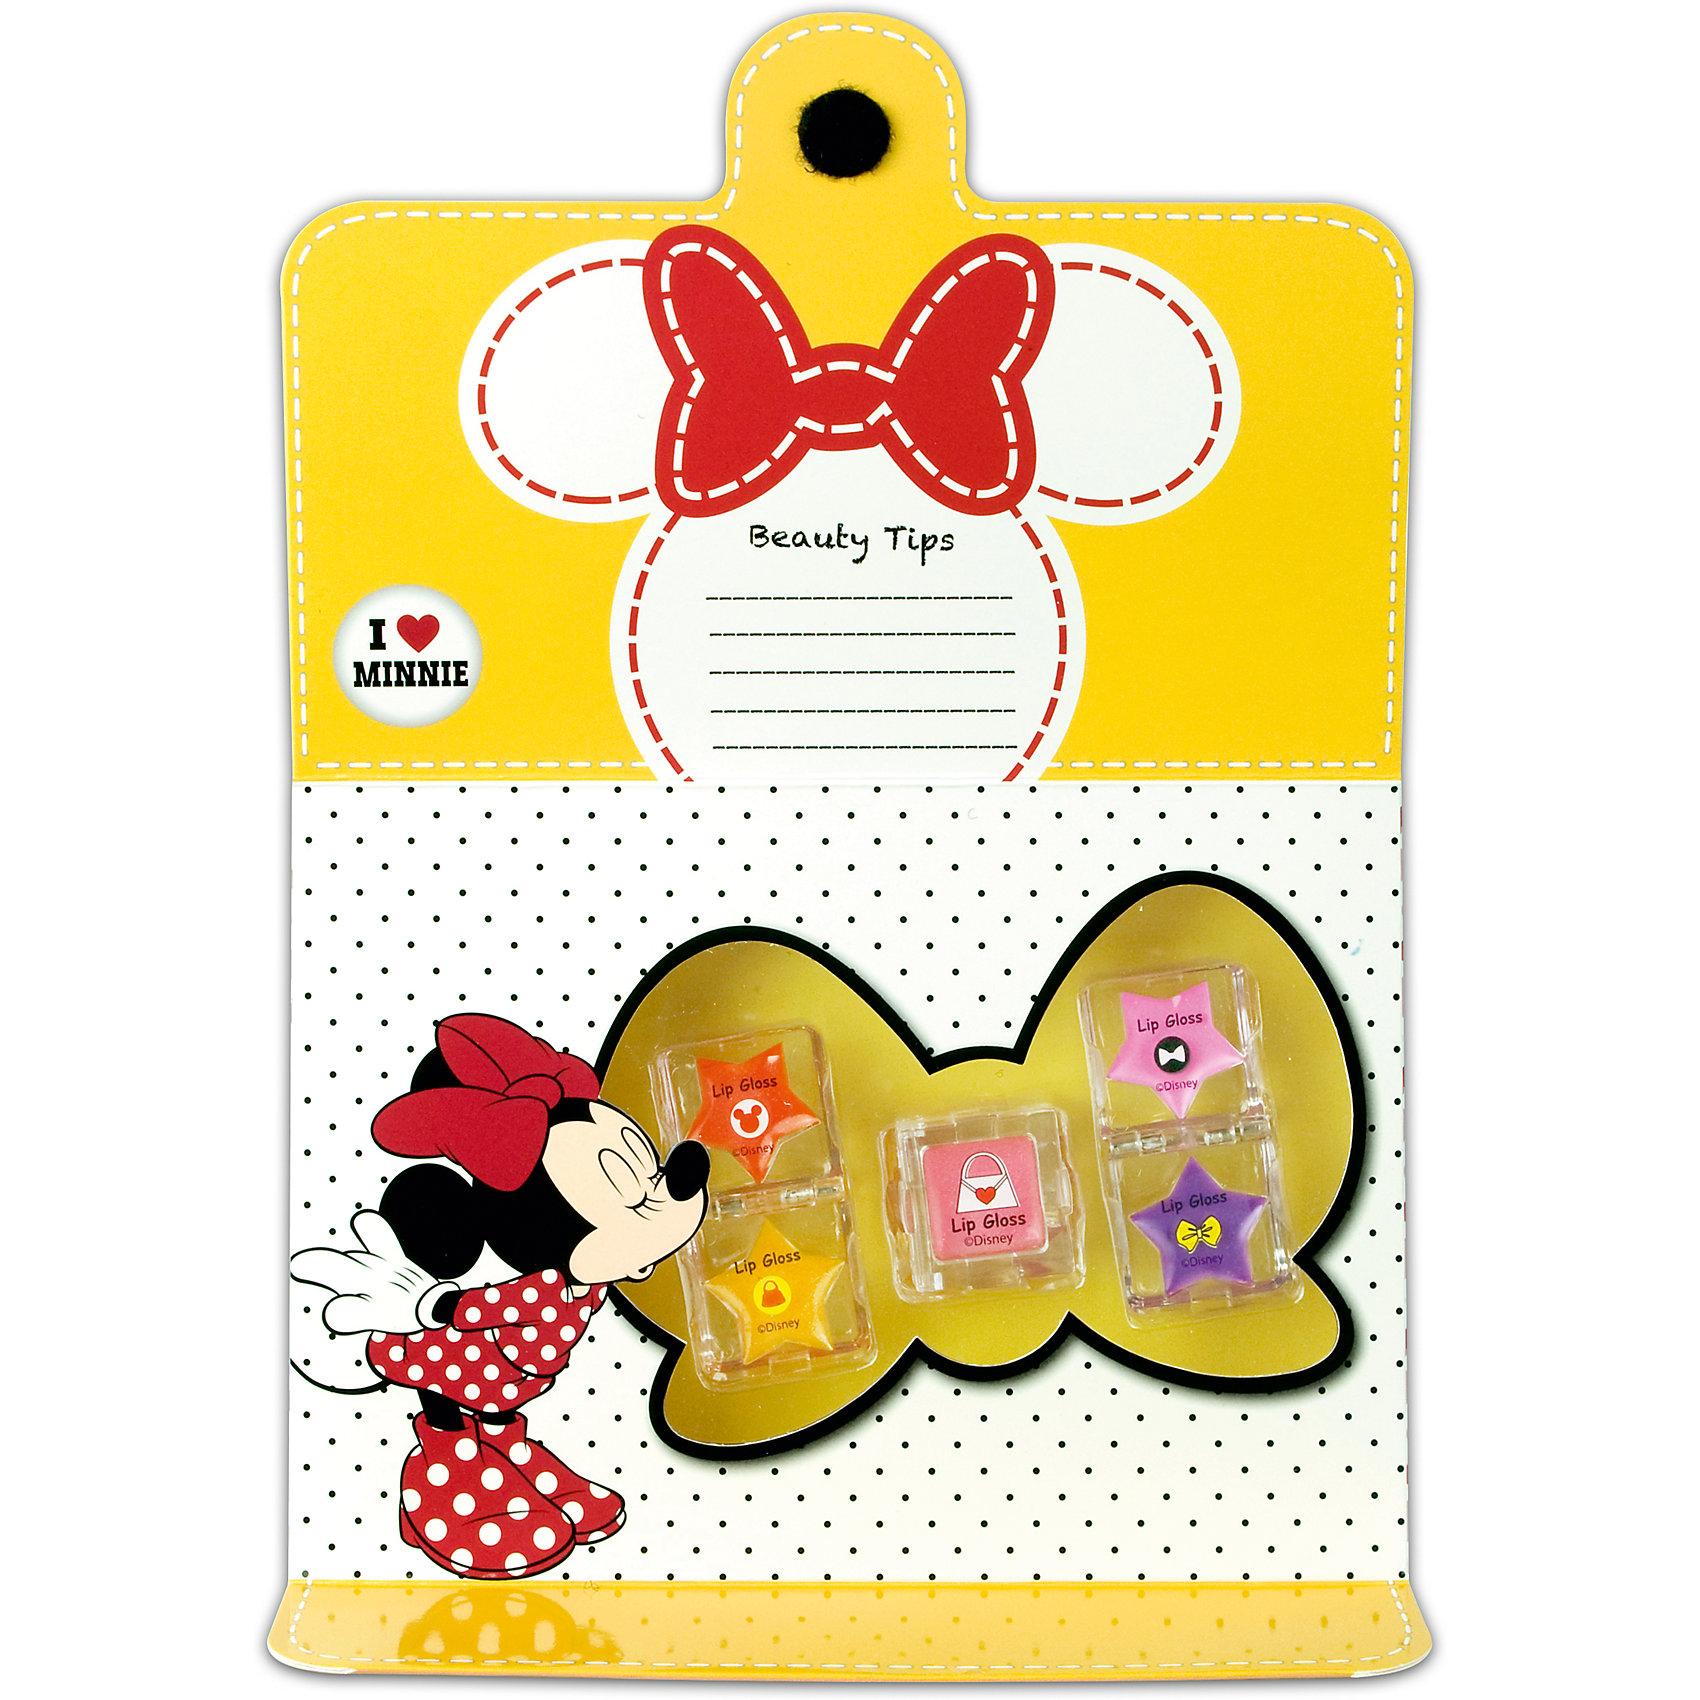 Набор детской косметики Minnie - Блеск для губХарактеристики:<br><br>• Наименование: детская декоративная косметика<br>• Предназначение: для сюжетно-ролевых игр<br>• Серия: Микки Маус и его друзья<br>• Пол: для девочки<br>• Материал: натуральные косметические компоненты, пластик, картон<br>• Цвет: оттенки розового, красный, сиреневый, желтый<br>• Комплектация: 5 оттенков блеска для губ<br>• Размеры (Д*Ш*В): 12*9*7 см<br>• Вес: 120 г <br>• Упаковка: упаковка в форме книжки<br><br>Игровой набор детской декоративной косметики для губ, Минни Маус – это набор игровой детской косметики от Markwins, которая вот уже несколько десятилетий специализируется на выпуске детской косметики. Рецептура декоративной детской косметики разработана совместно с косметологами и медиками, в основе рецептуры – водная основа, а потому она гипоаллергенны, не вызывает раздражений на детской коже и легко смывается, не оставляя следа. Безопасность продукции подтверждена международными сертификатами качества и безопасности. <br>Игровой набор детской декоративной косметики состоит из 5-ти ярких оттенков блеска для губ в тубах. Косметические средства, входящие в состав набора, имеют длительный срок хранения – 12 месяцев. Набор выполнен в брендовом дизайне популярной серии Микки Маус и его друзья, упаковка в форме книжки с яркими элементами может стать дополнительным аксессуаром к праздничному образу девочки. Игровой набор детской декоративной косметики от Markwins может стать незаменимым праздничным подарком для любой маленькой модницы!<br><br>Игровой набор детской декоративной косметики для губ, Минни Маус можно купить в нашем интернет-магазине.<br><br>Ширина мм: 190<br>Глубина мм: 140<br>Высота мм: 40<br>Вес г: 166<br>Возраст от месяцев: 48<br>Возраст до месяцев: 120<br>Пол: Женский<br>Возраст: Детский<br>SKU: 5124715